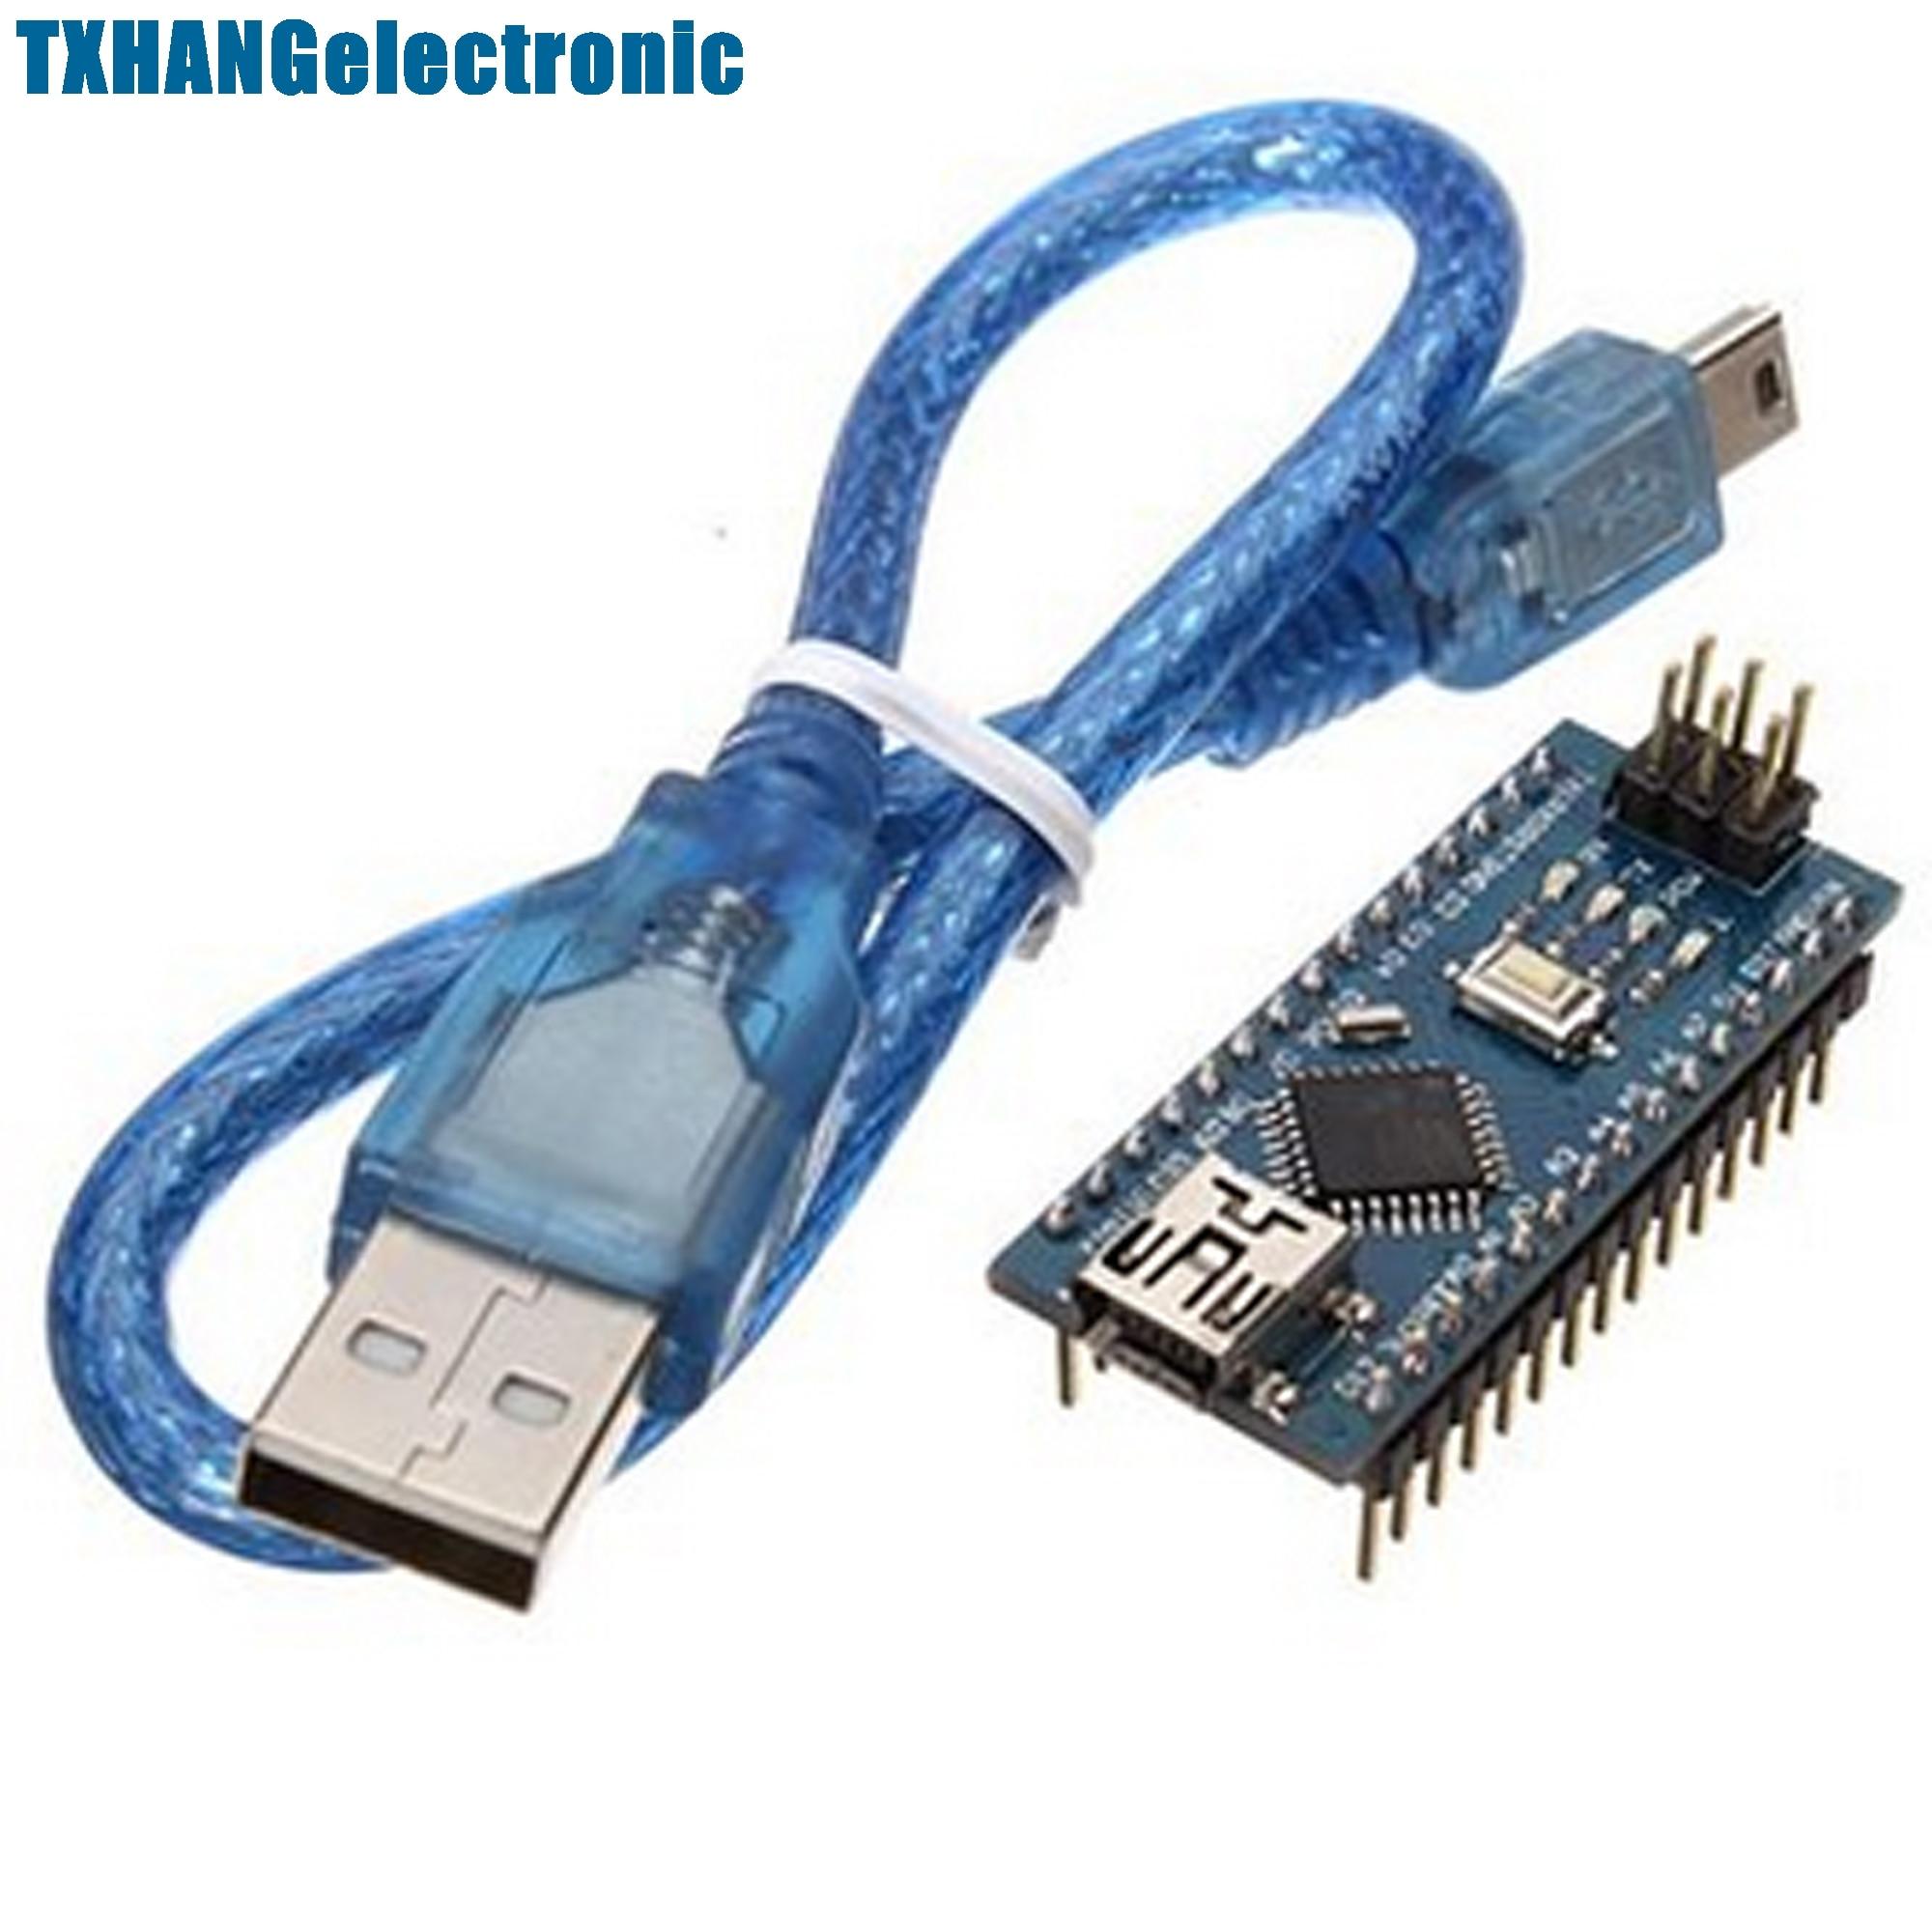 10PCS CH340 USB Nano V3 0 ATmega328P 5V 16M Micro Controller Board Cable